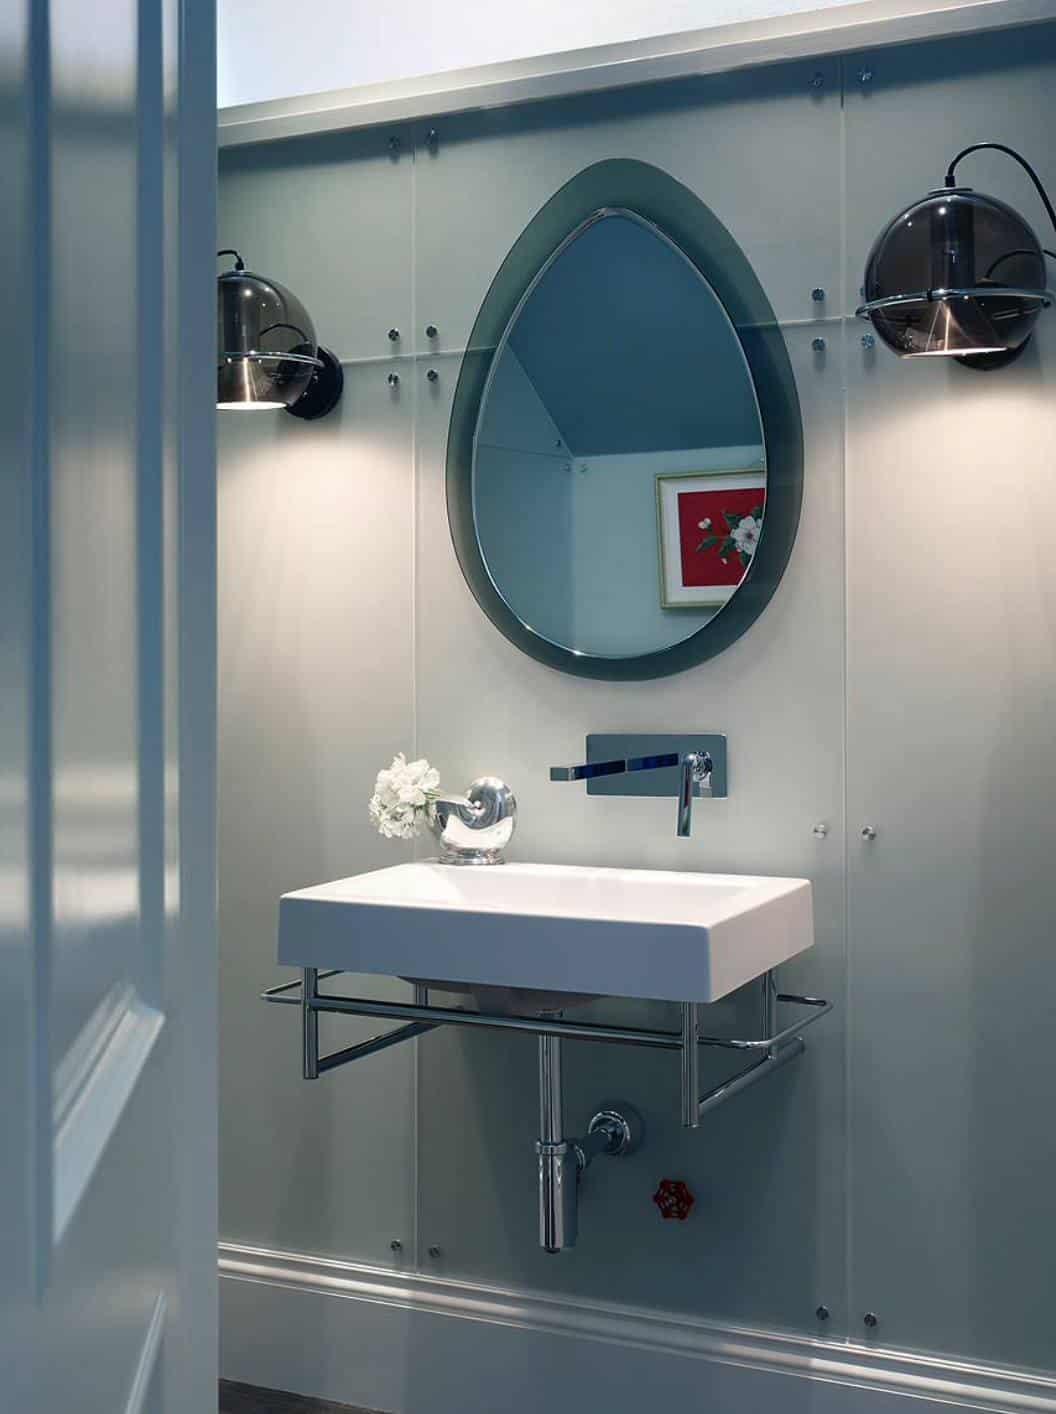 Maison Moderne-Redmond Aldrich Design-07-1 Kindesign